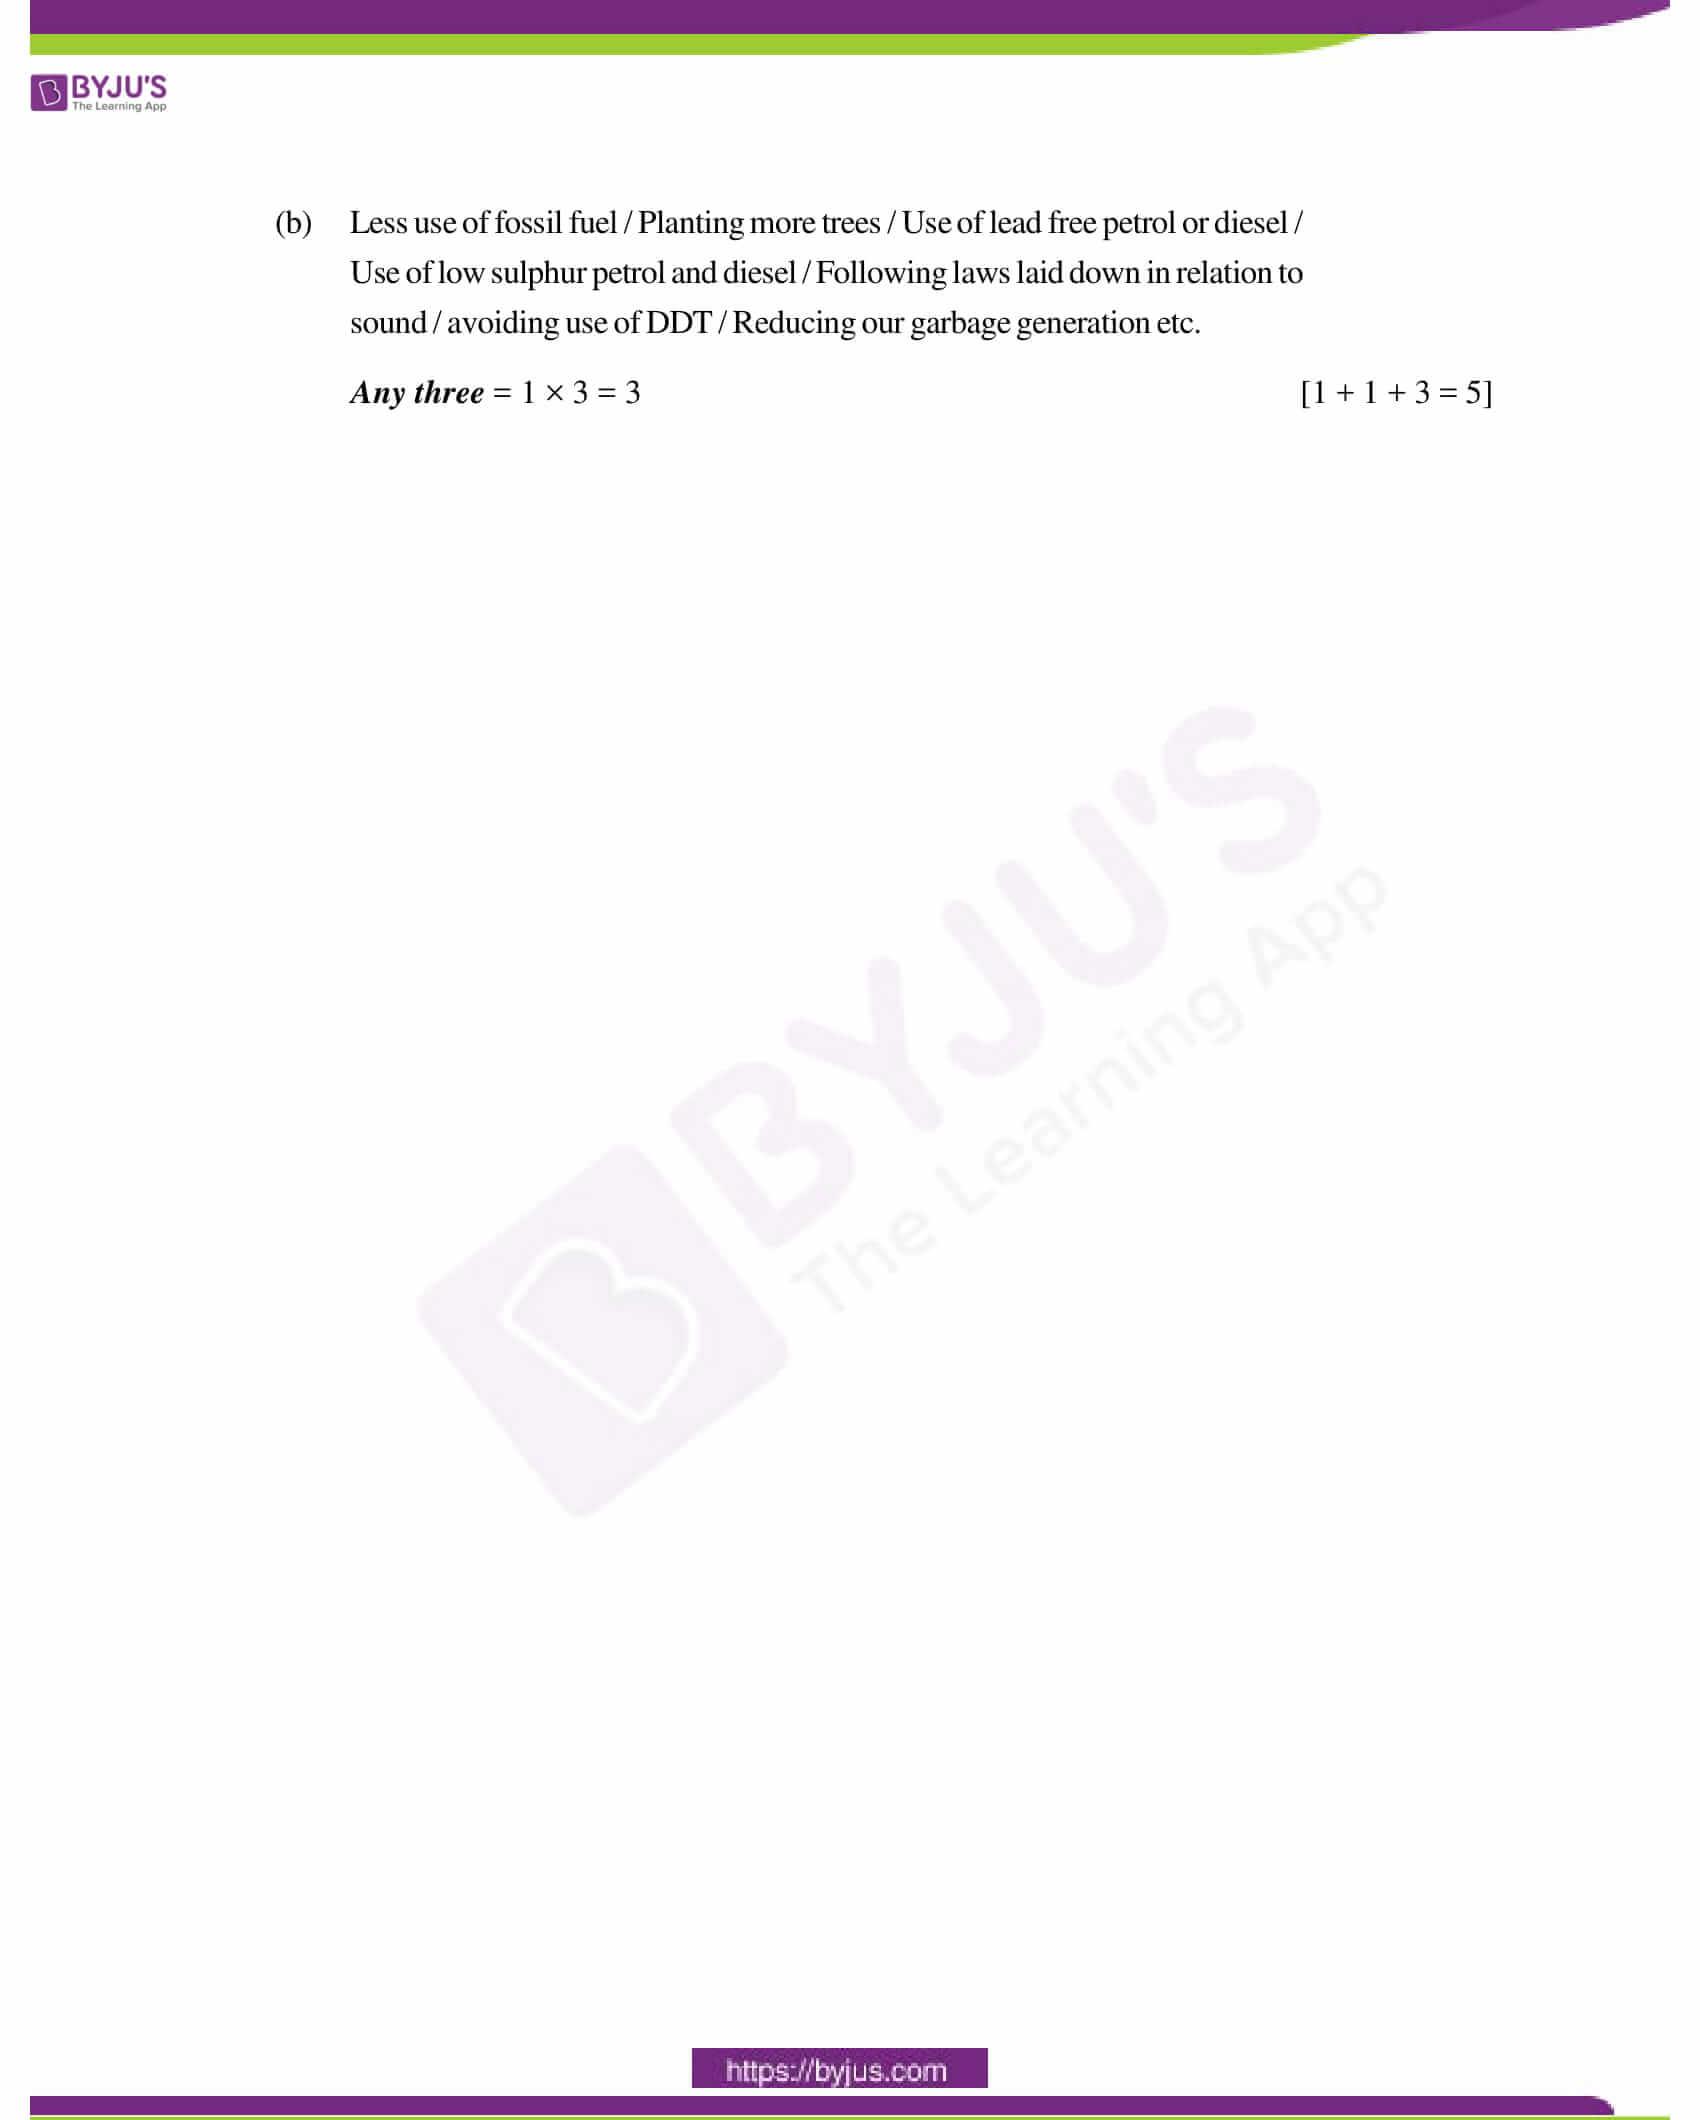 cbse class 12 biology solution 2011 set 1